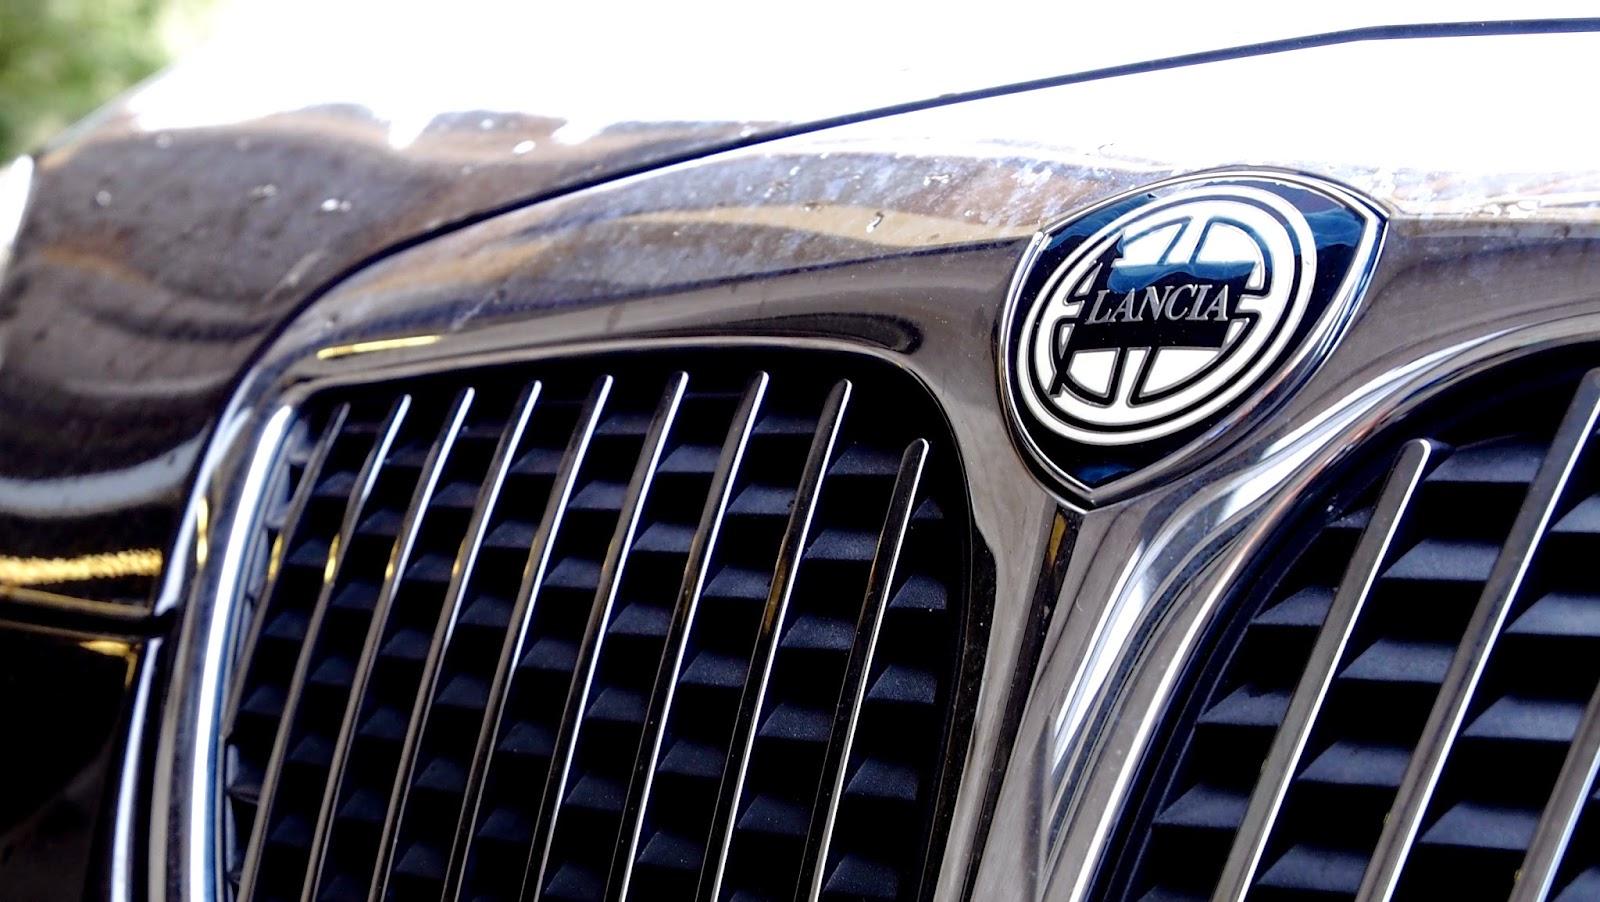 Histoire de la marque de voiture italienne Lancia